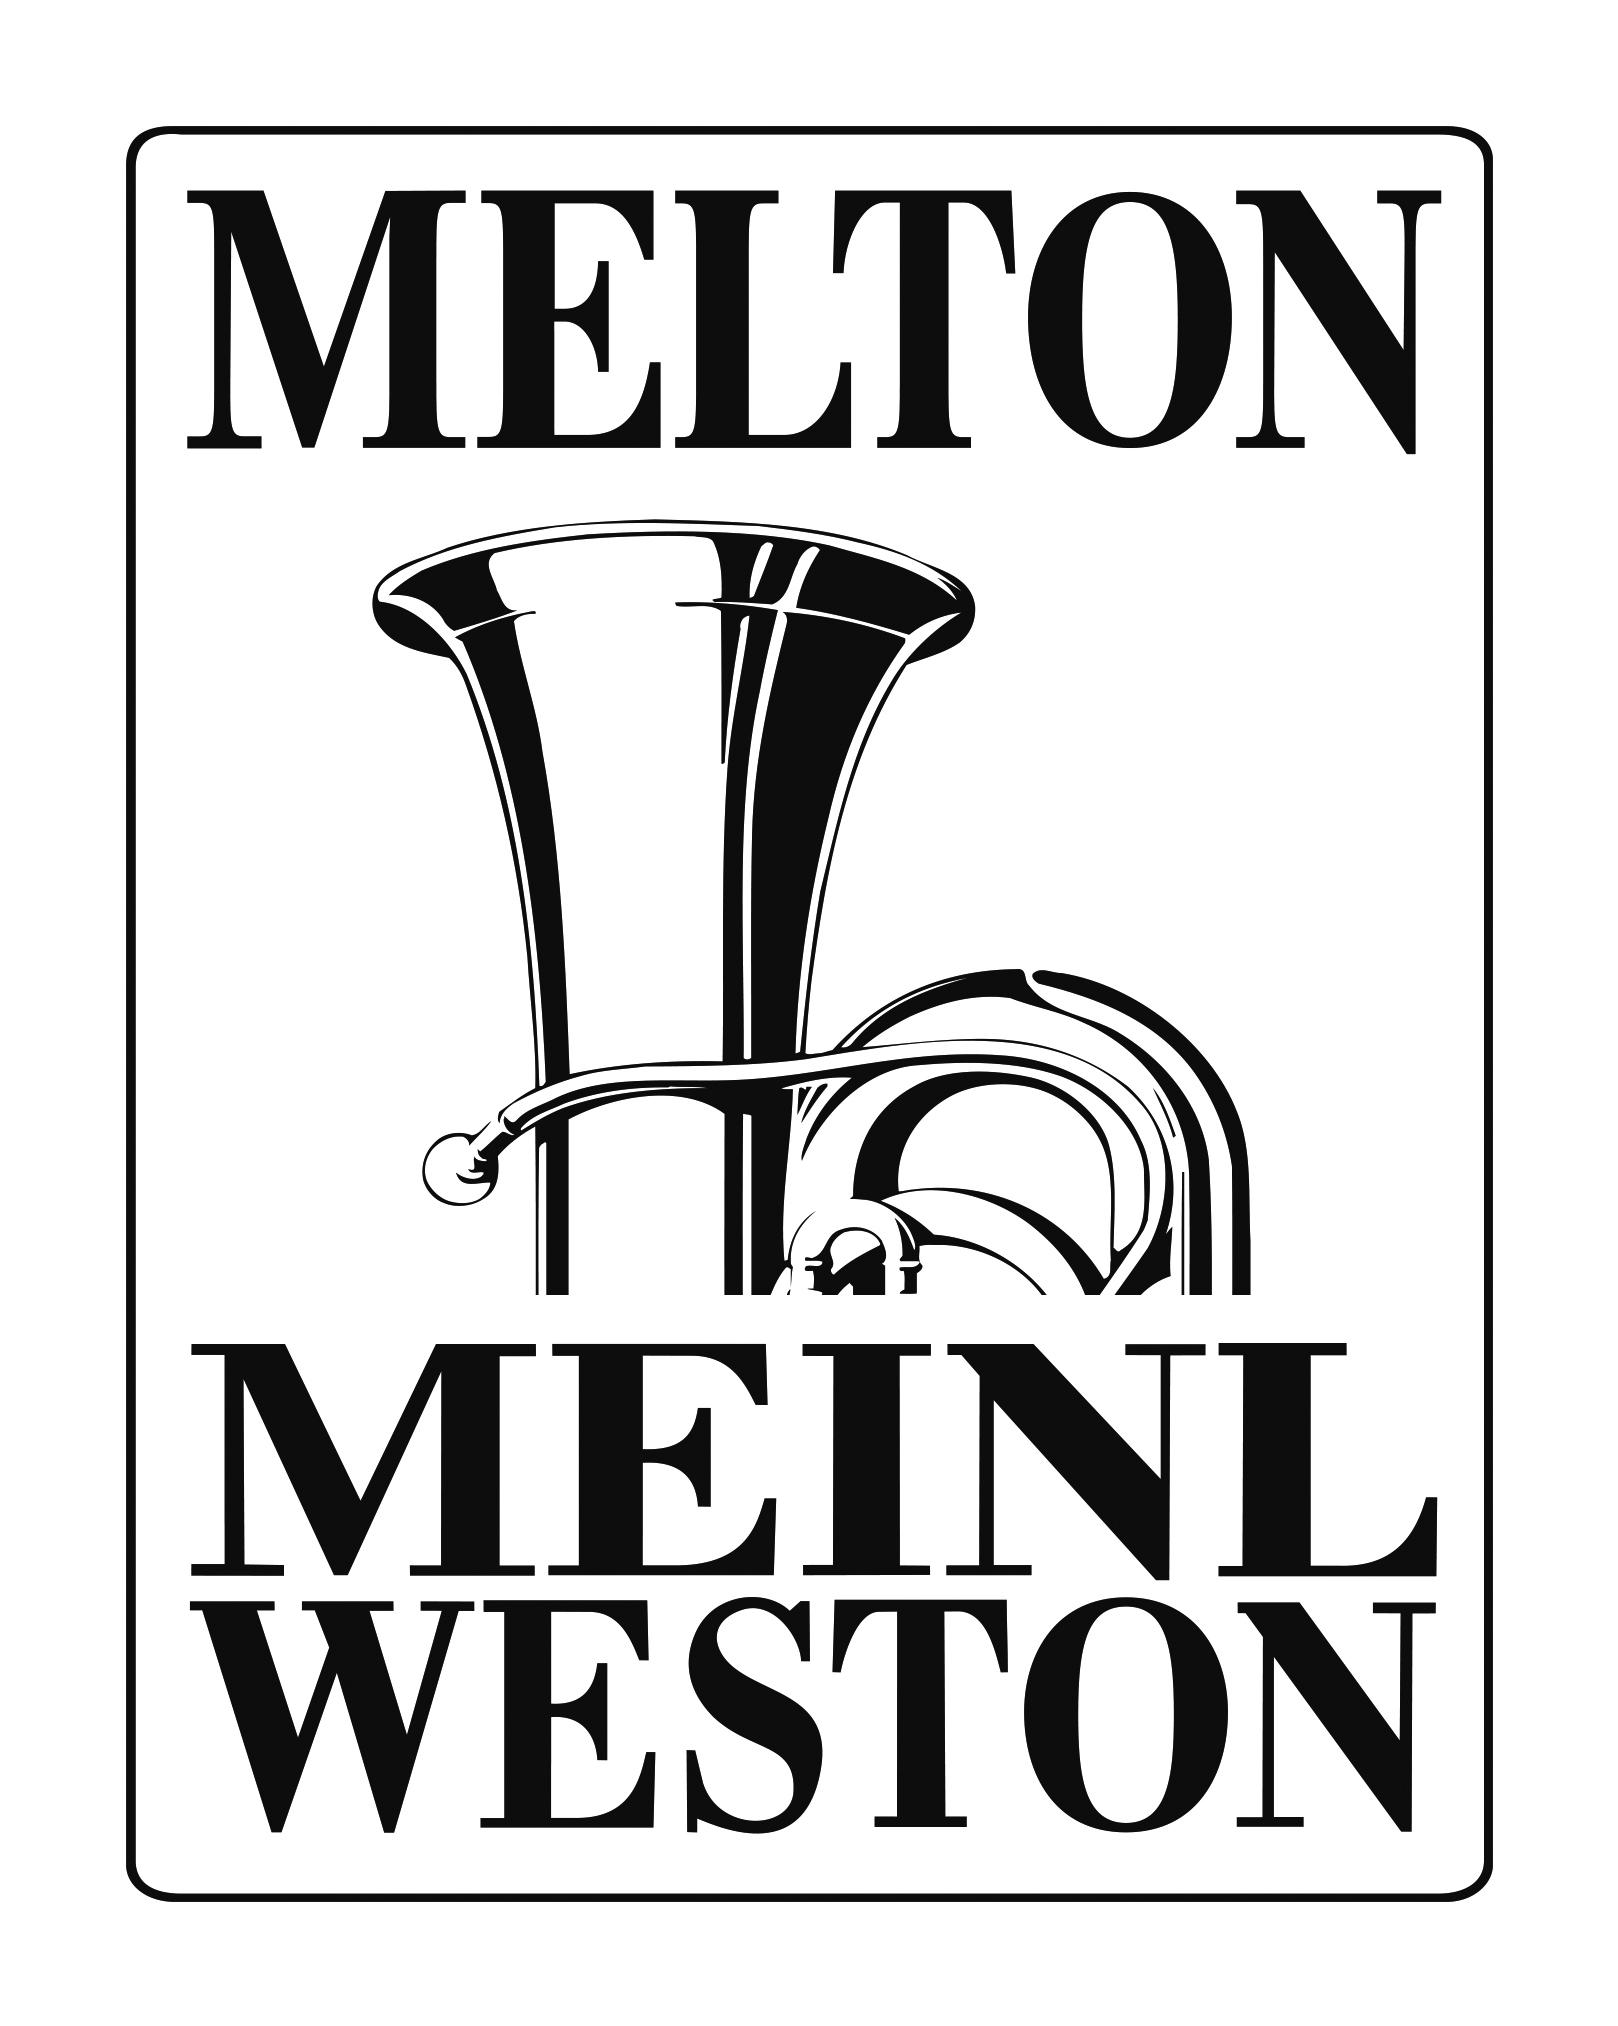 〈メルトン・マイネル・ウェストン〉ロゴ